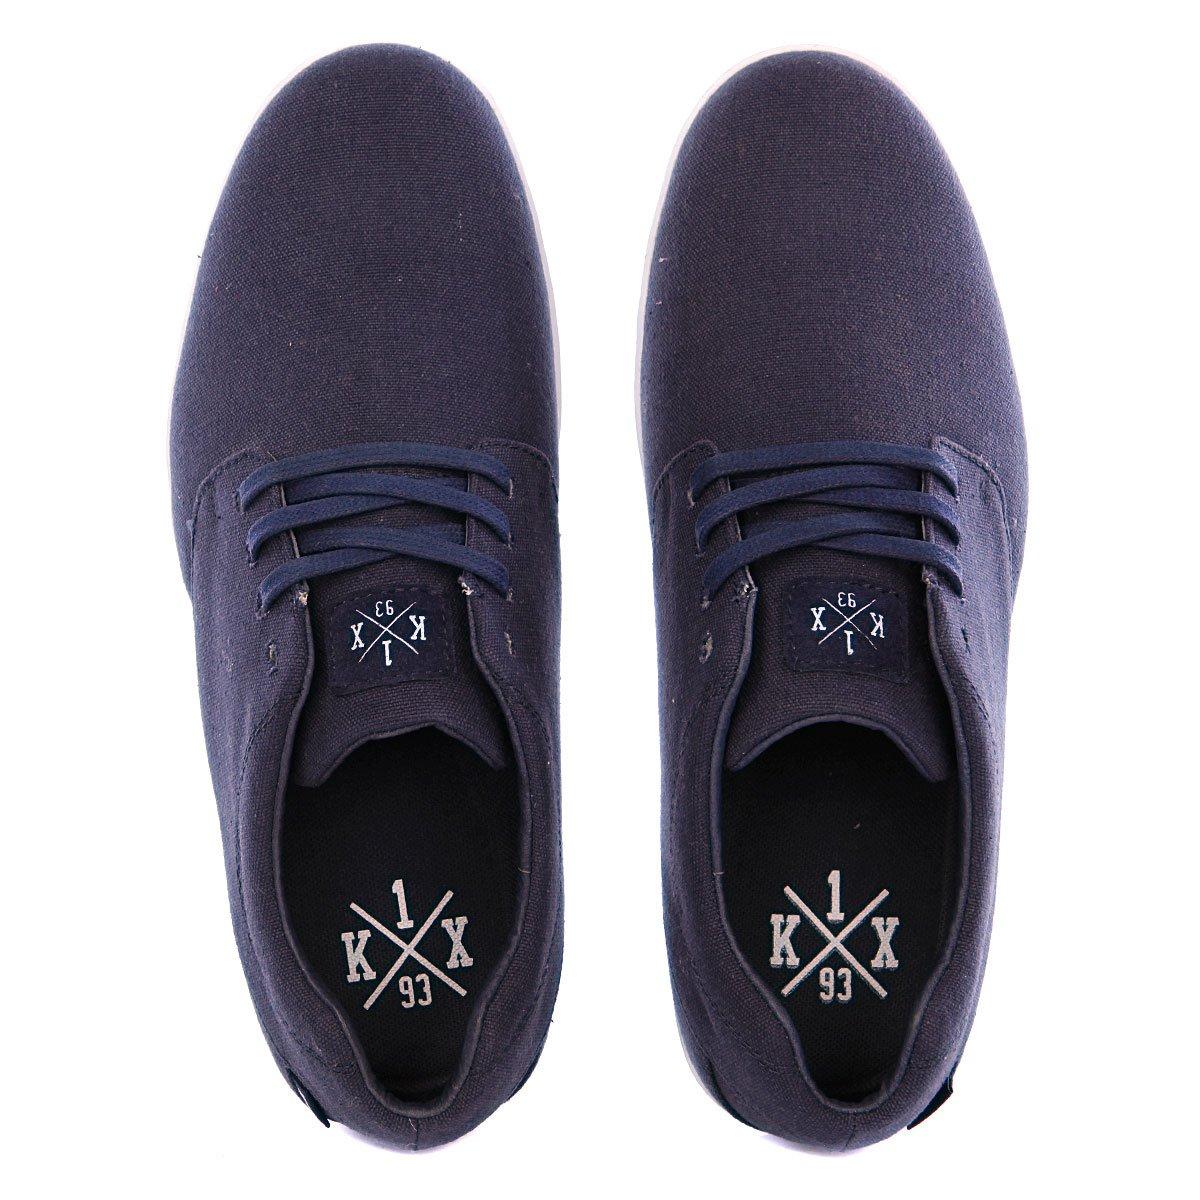 bc81333d97d951 Центробувь туфли по 290. Интернет-магазин качественной брендовой обуви.